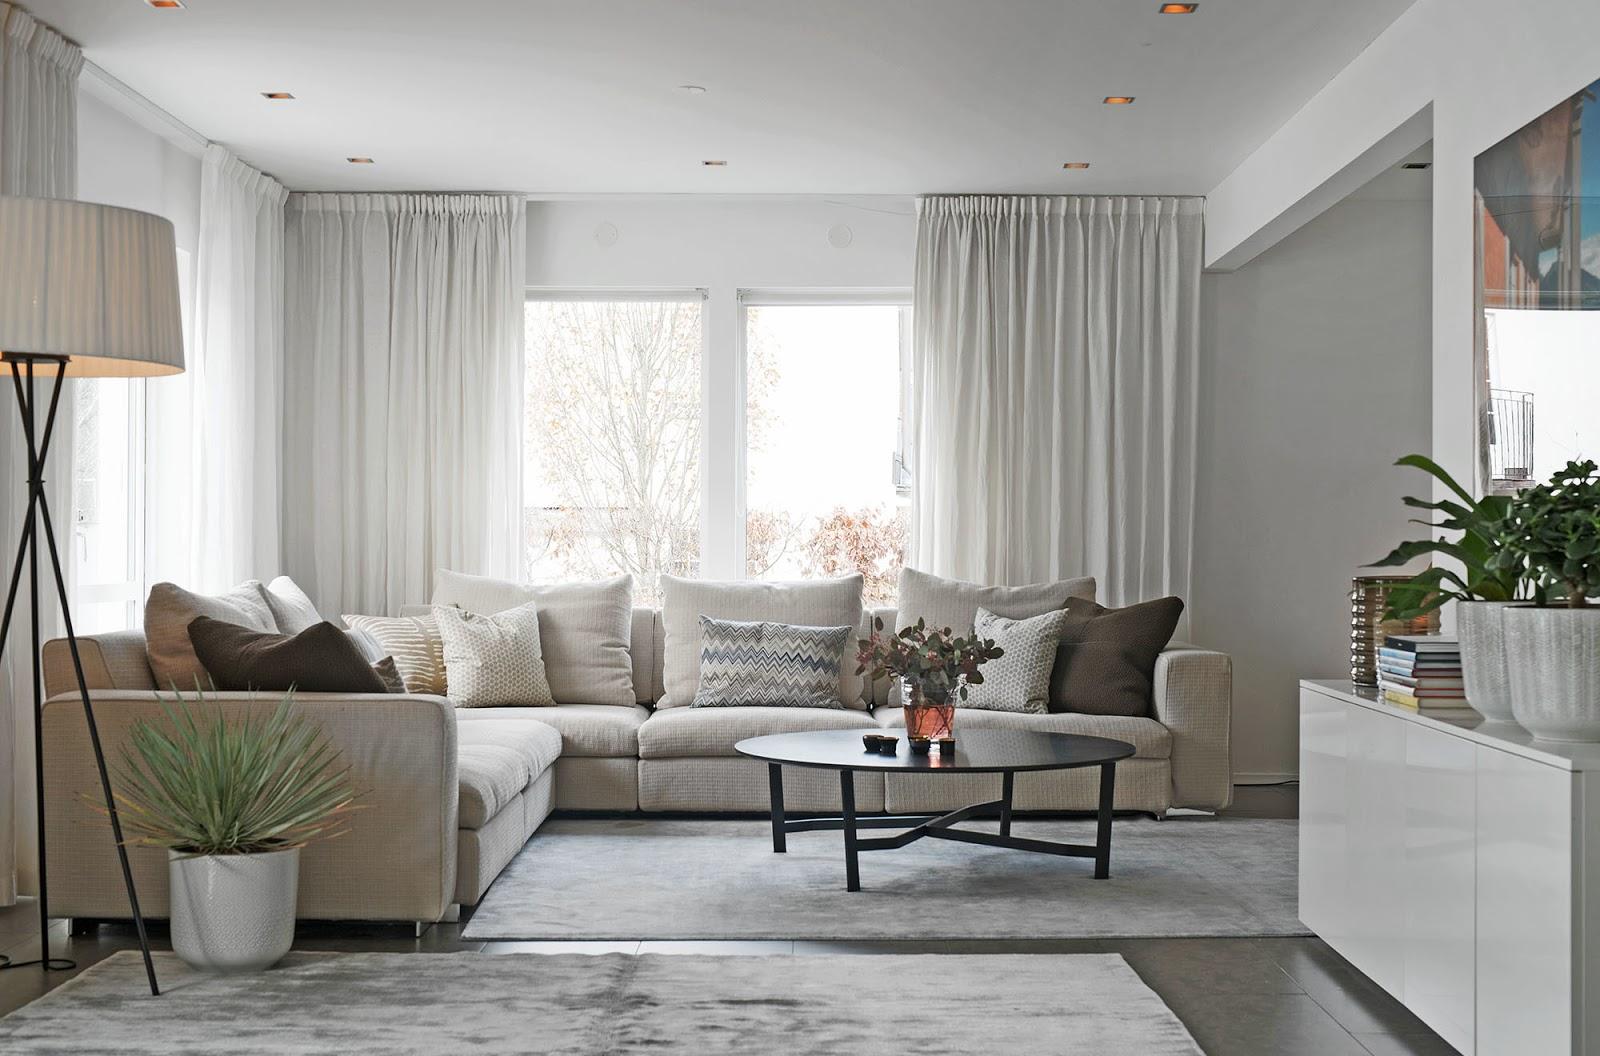 Muebles de sal n mesas de centro redondas en salones nordicos for Mesa centro estilo nordico